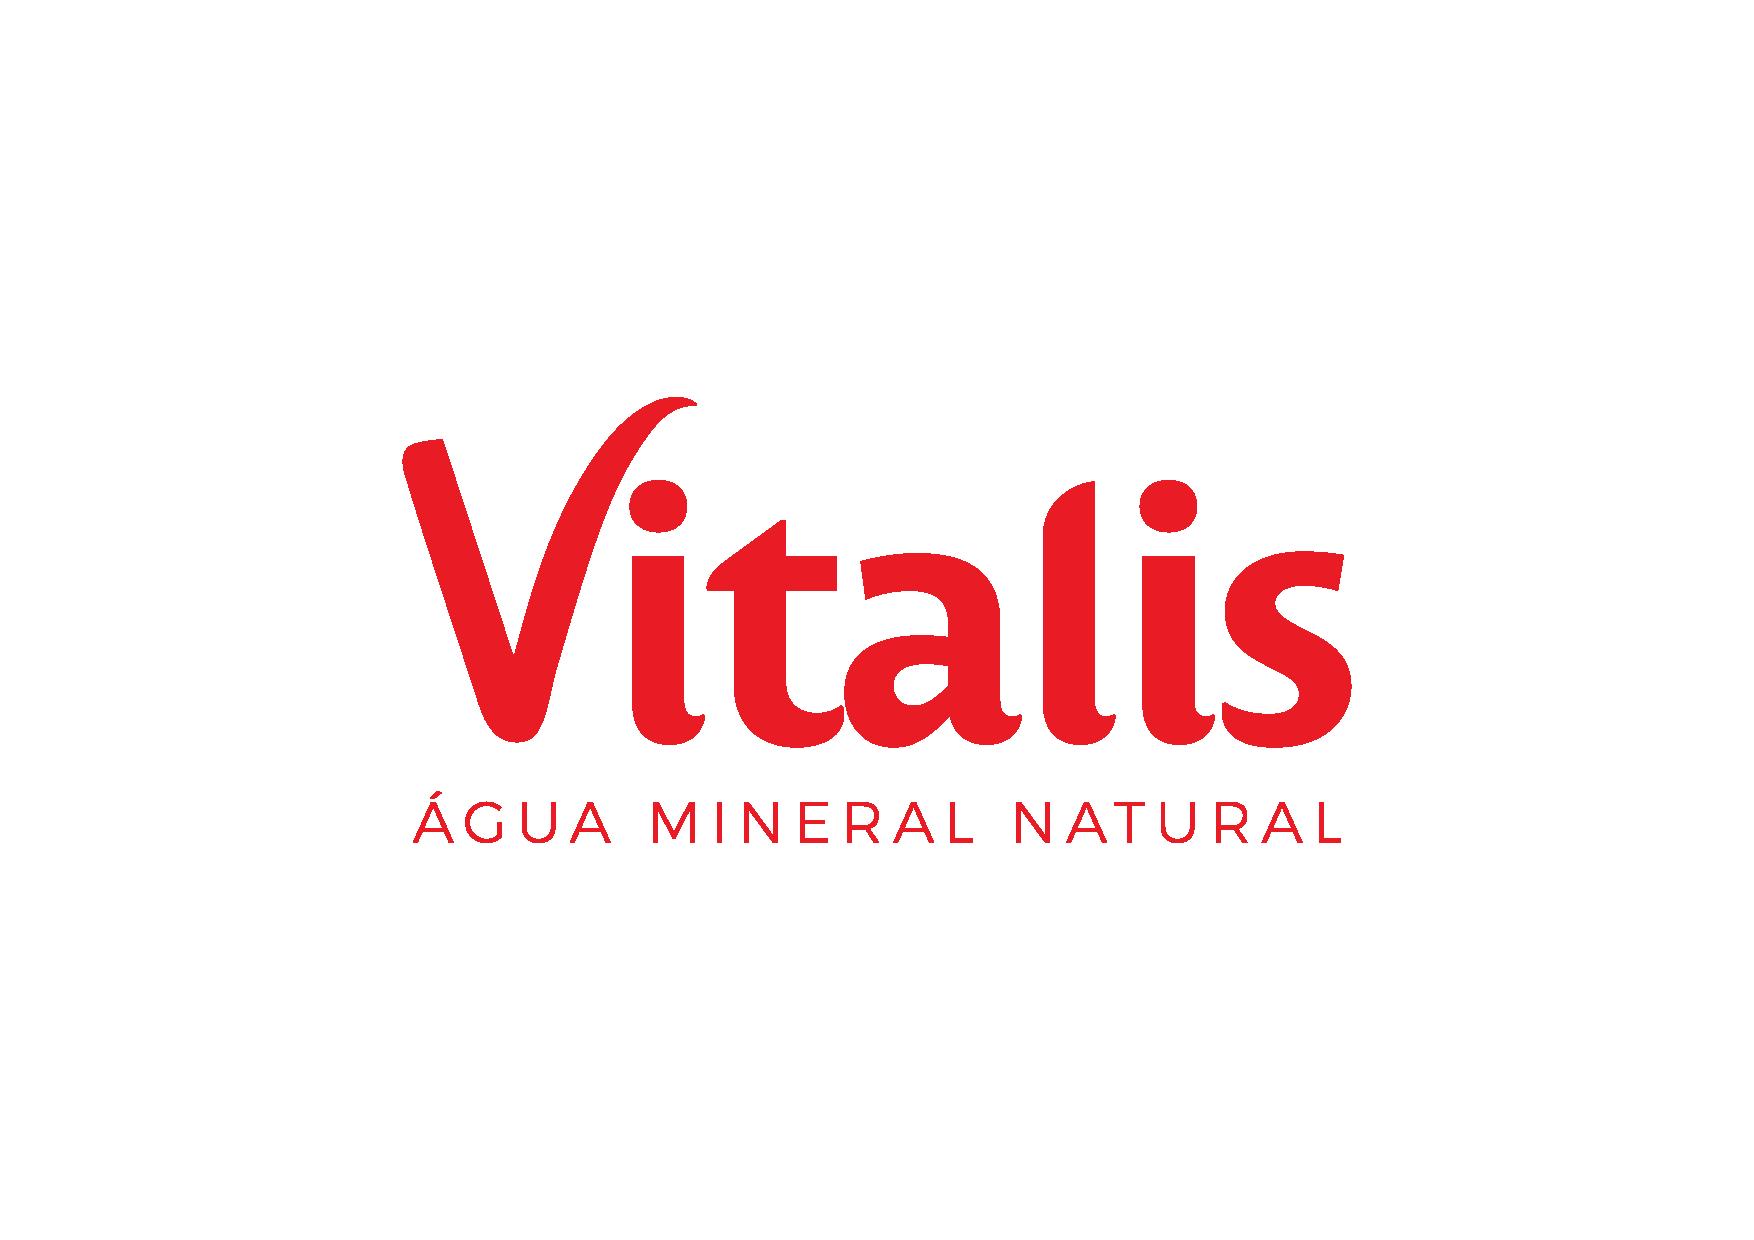 Vitalis